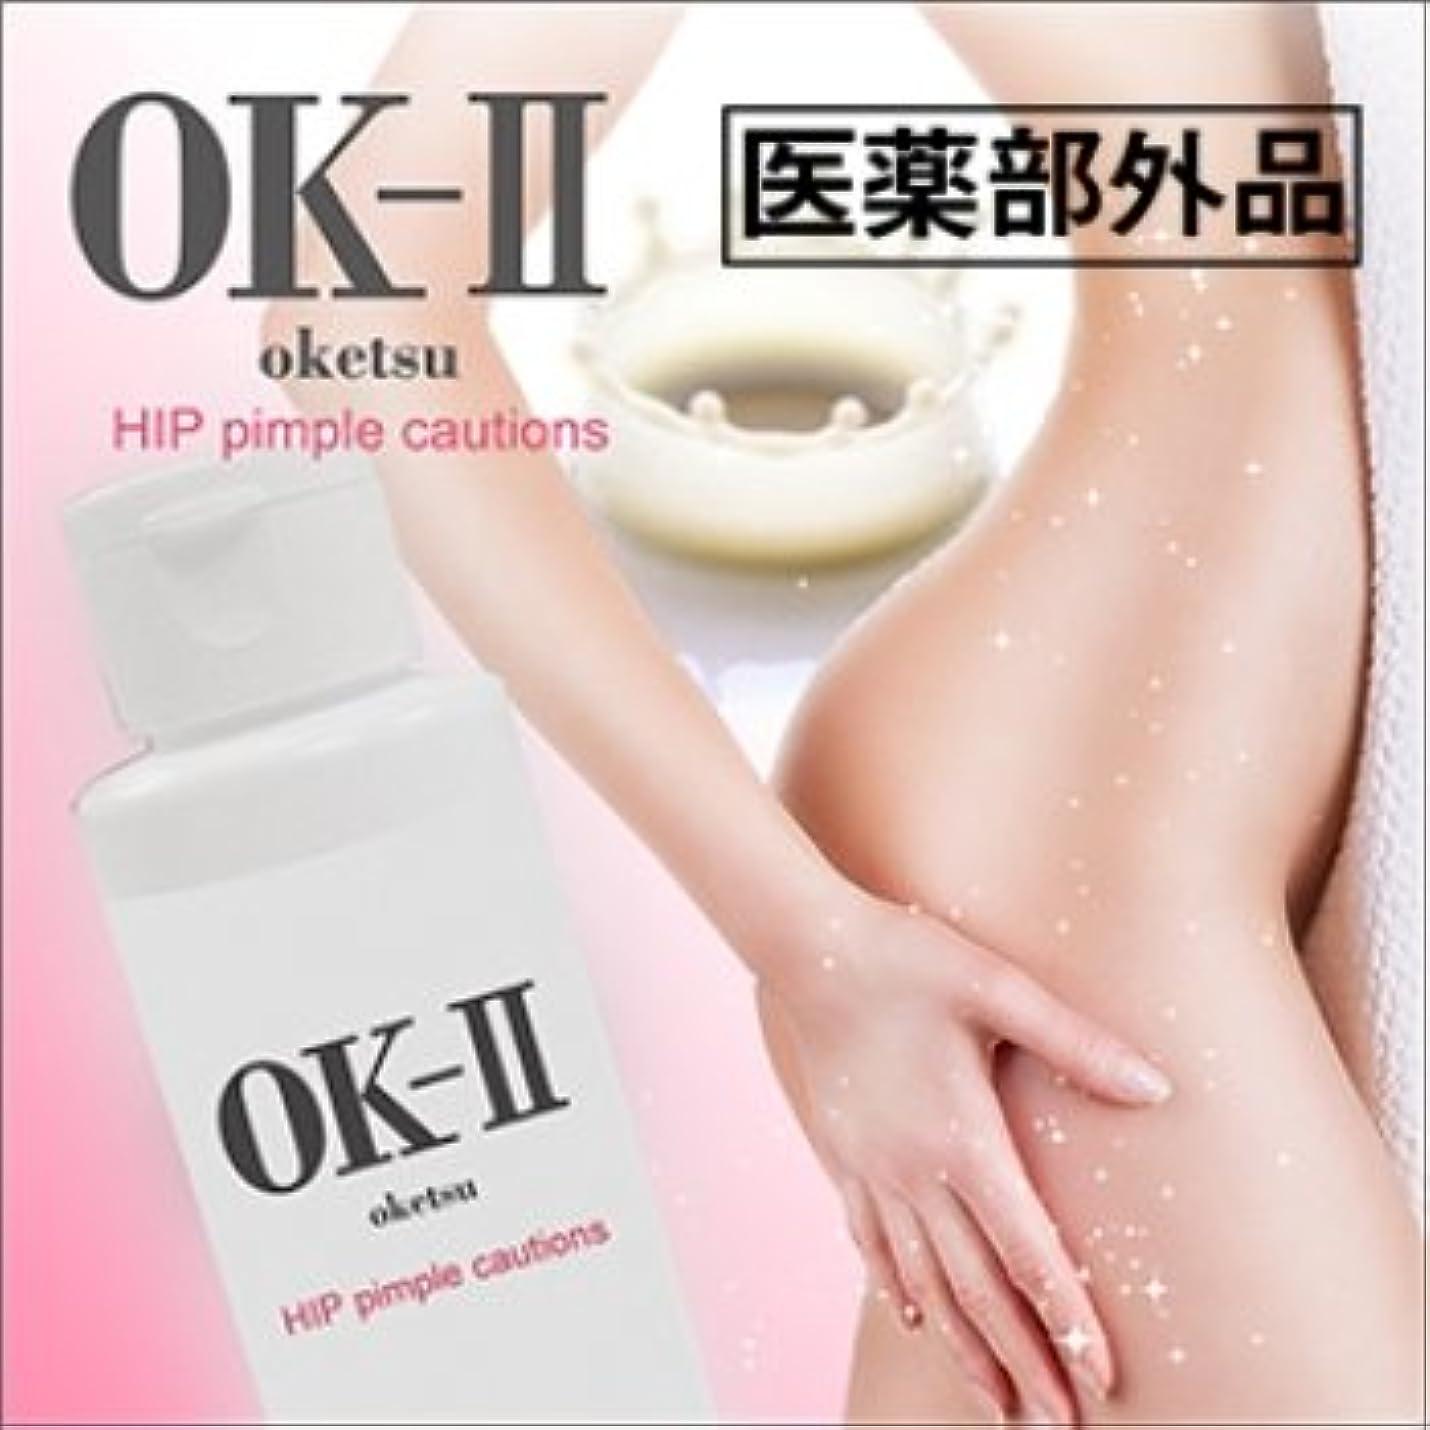 拒否アベニュー兵士OK-IIオッケーツー(薬用お尻ニキビケアボディ乳液)医薬部外品